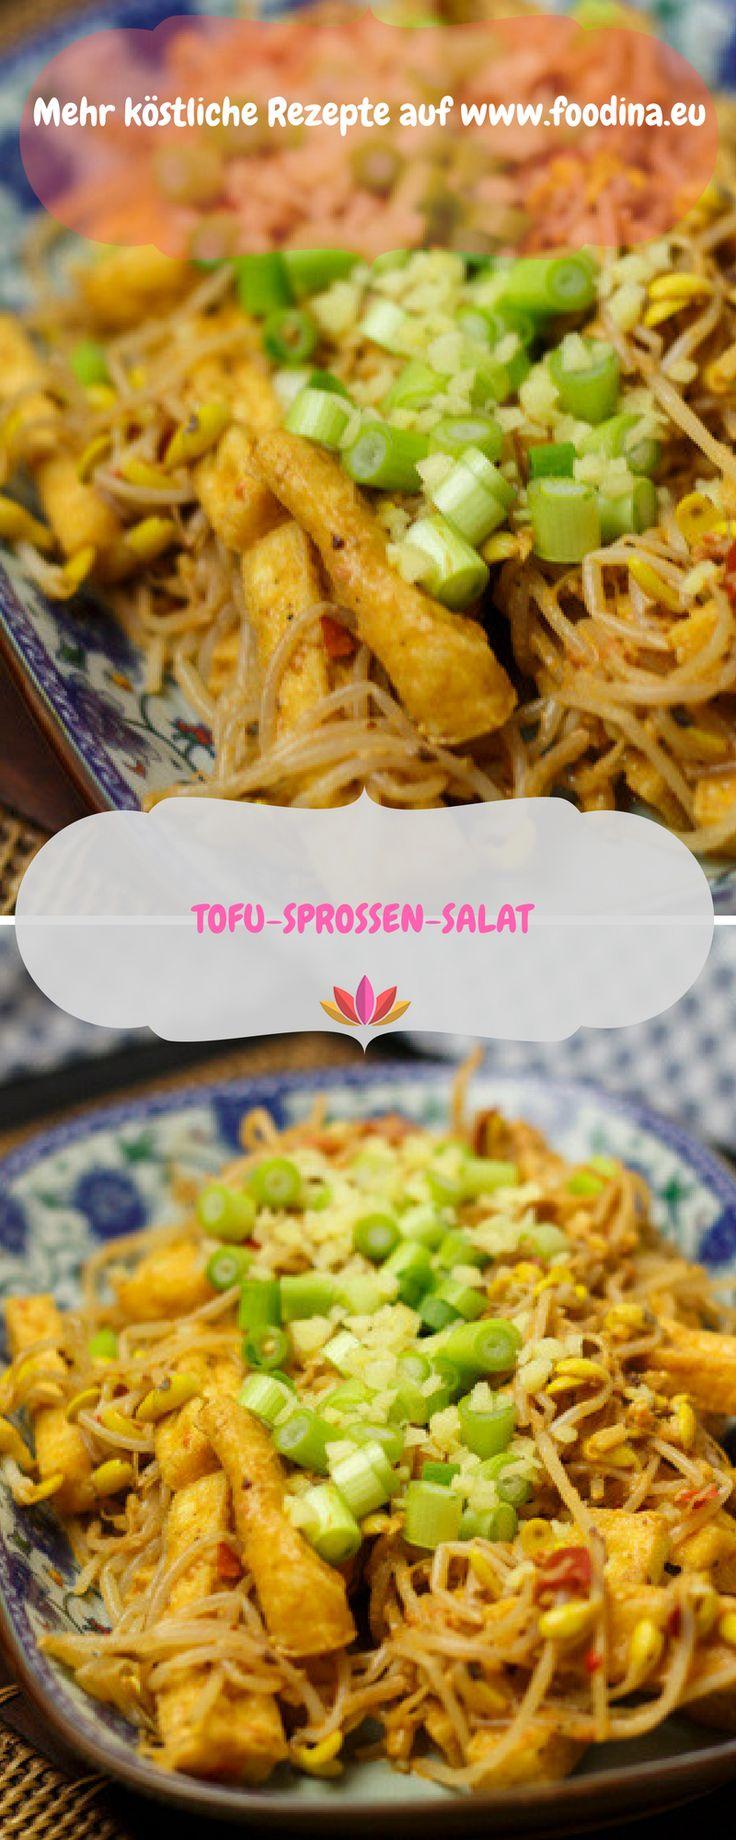 The 93 best Chinesische Rezepte deutscher Foodblogger images on ...